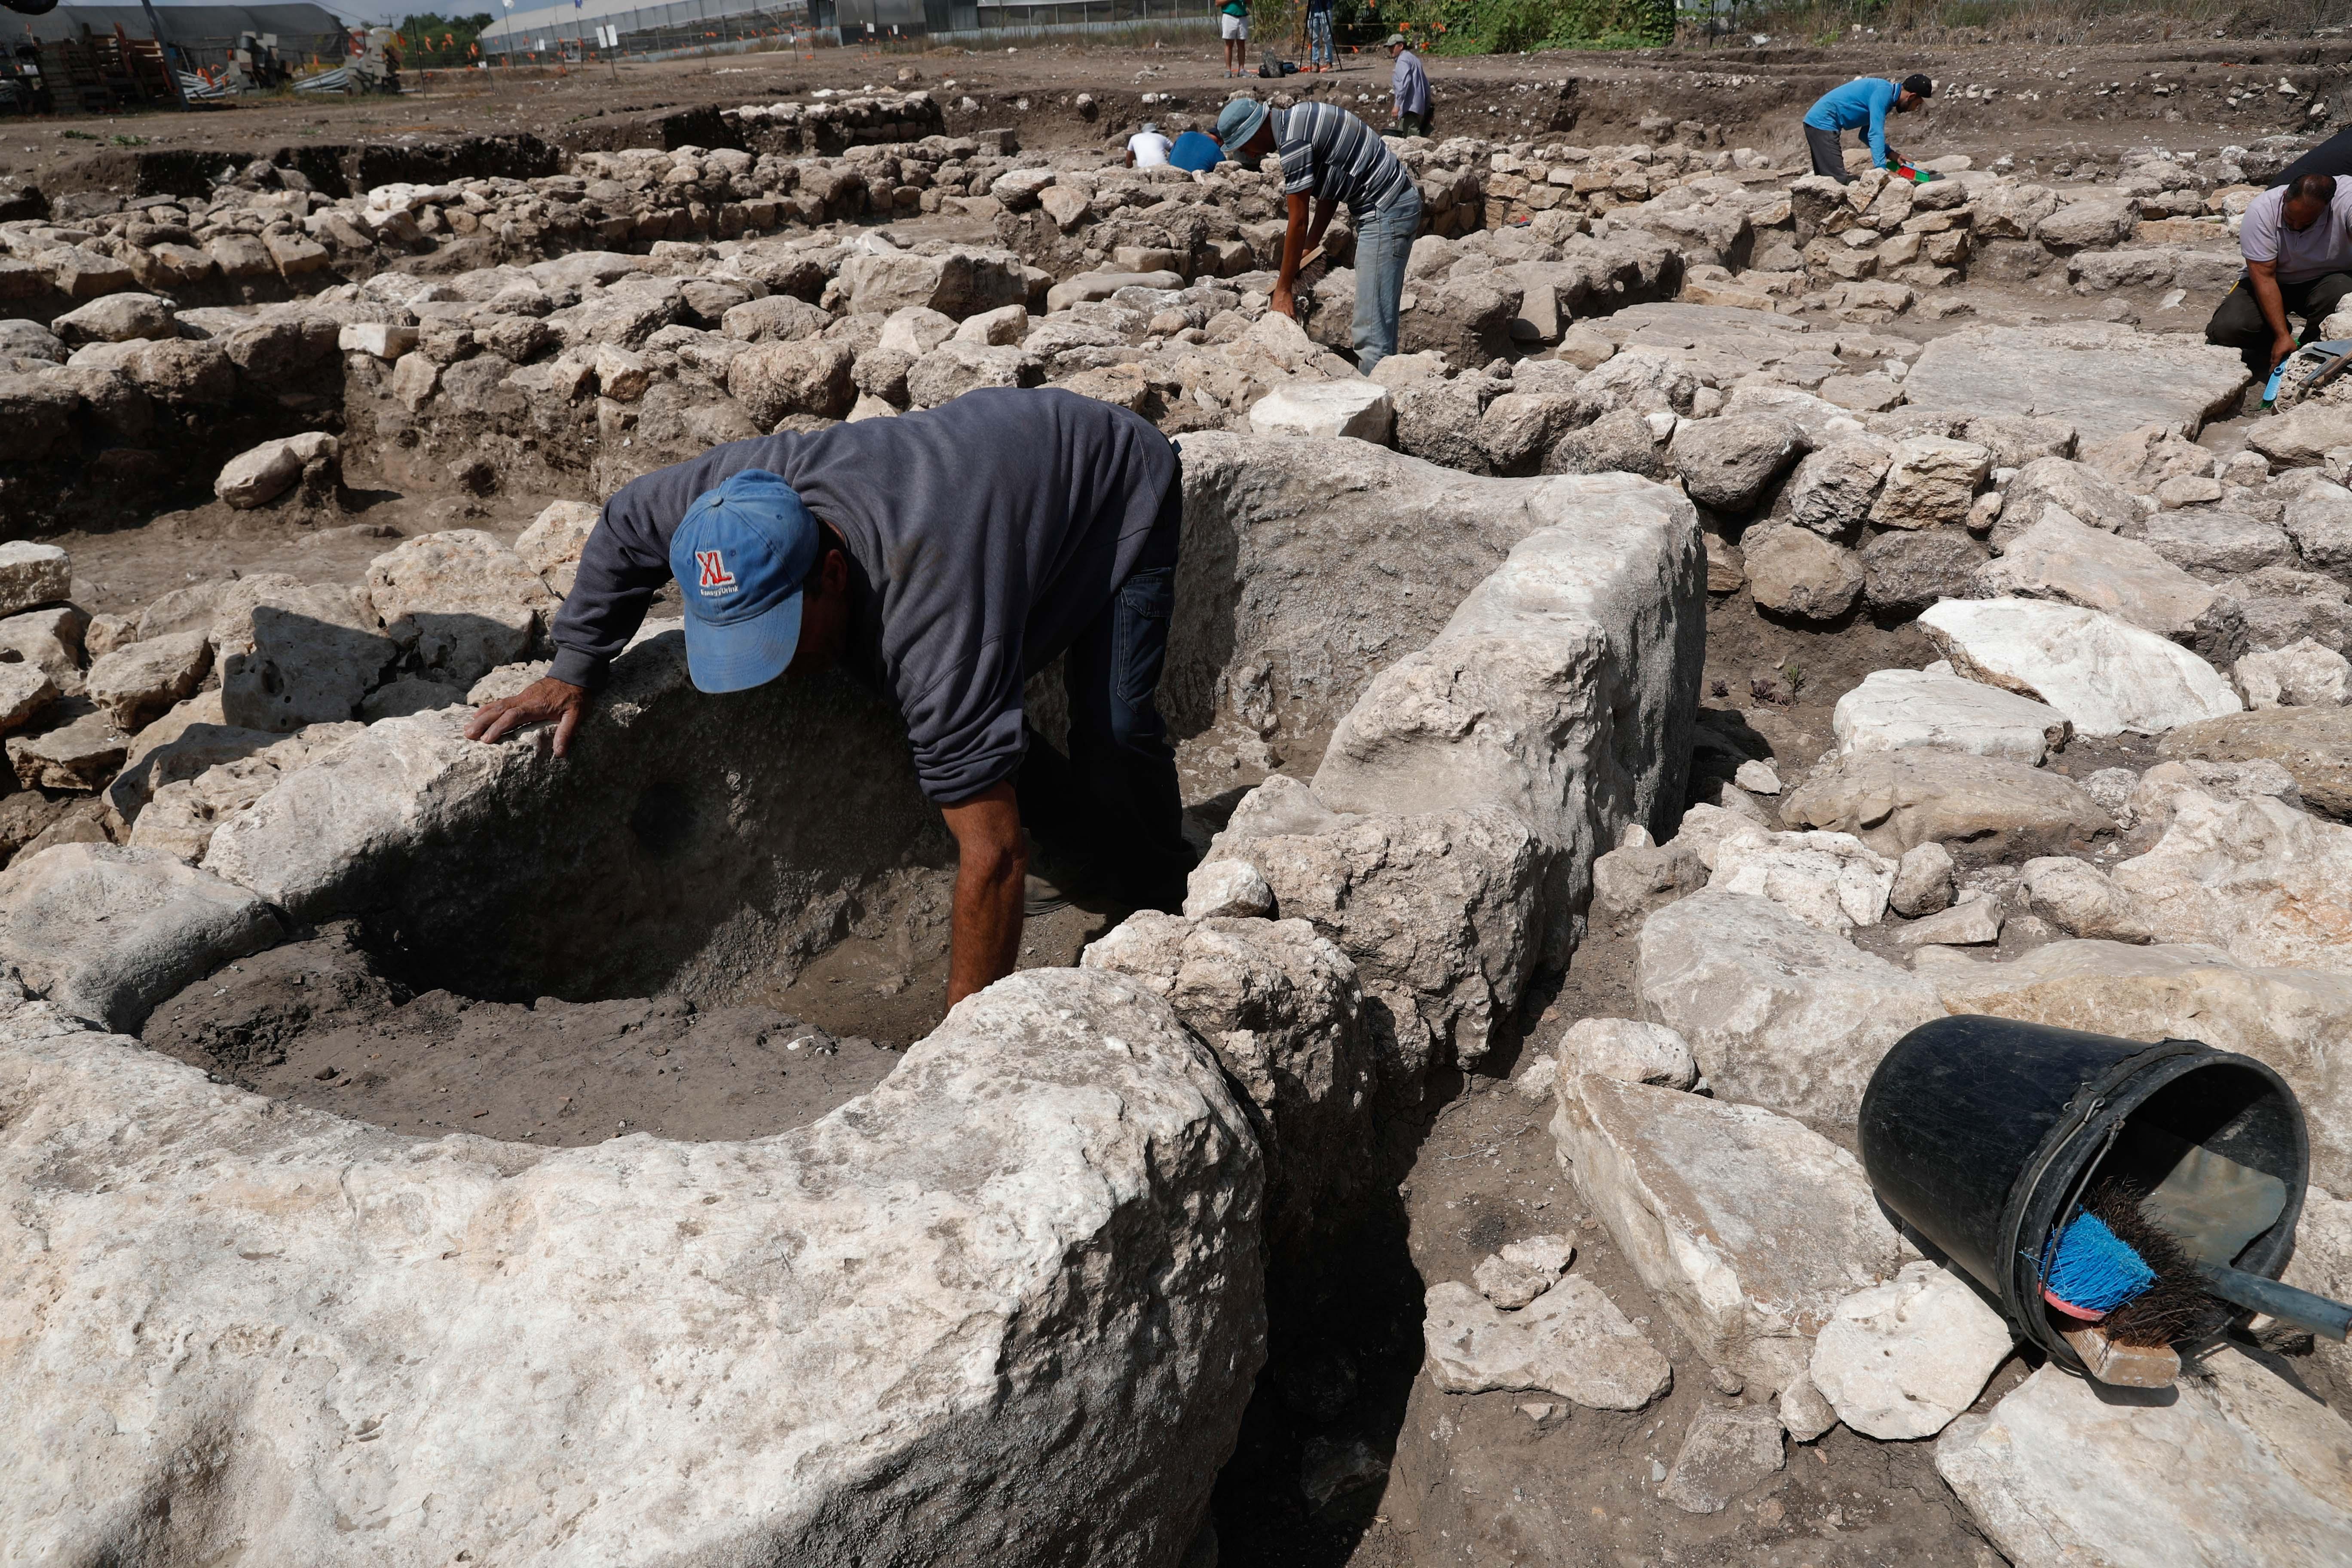 以色列发现5000年前迦南古城遗址